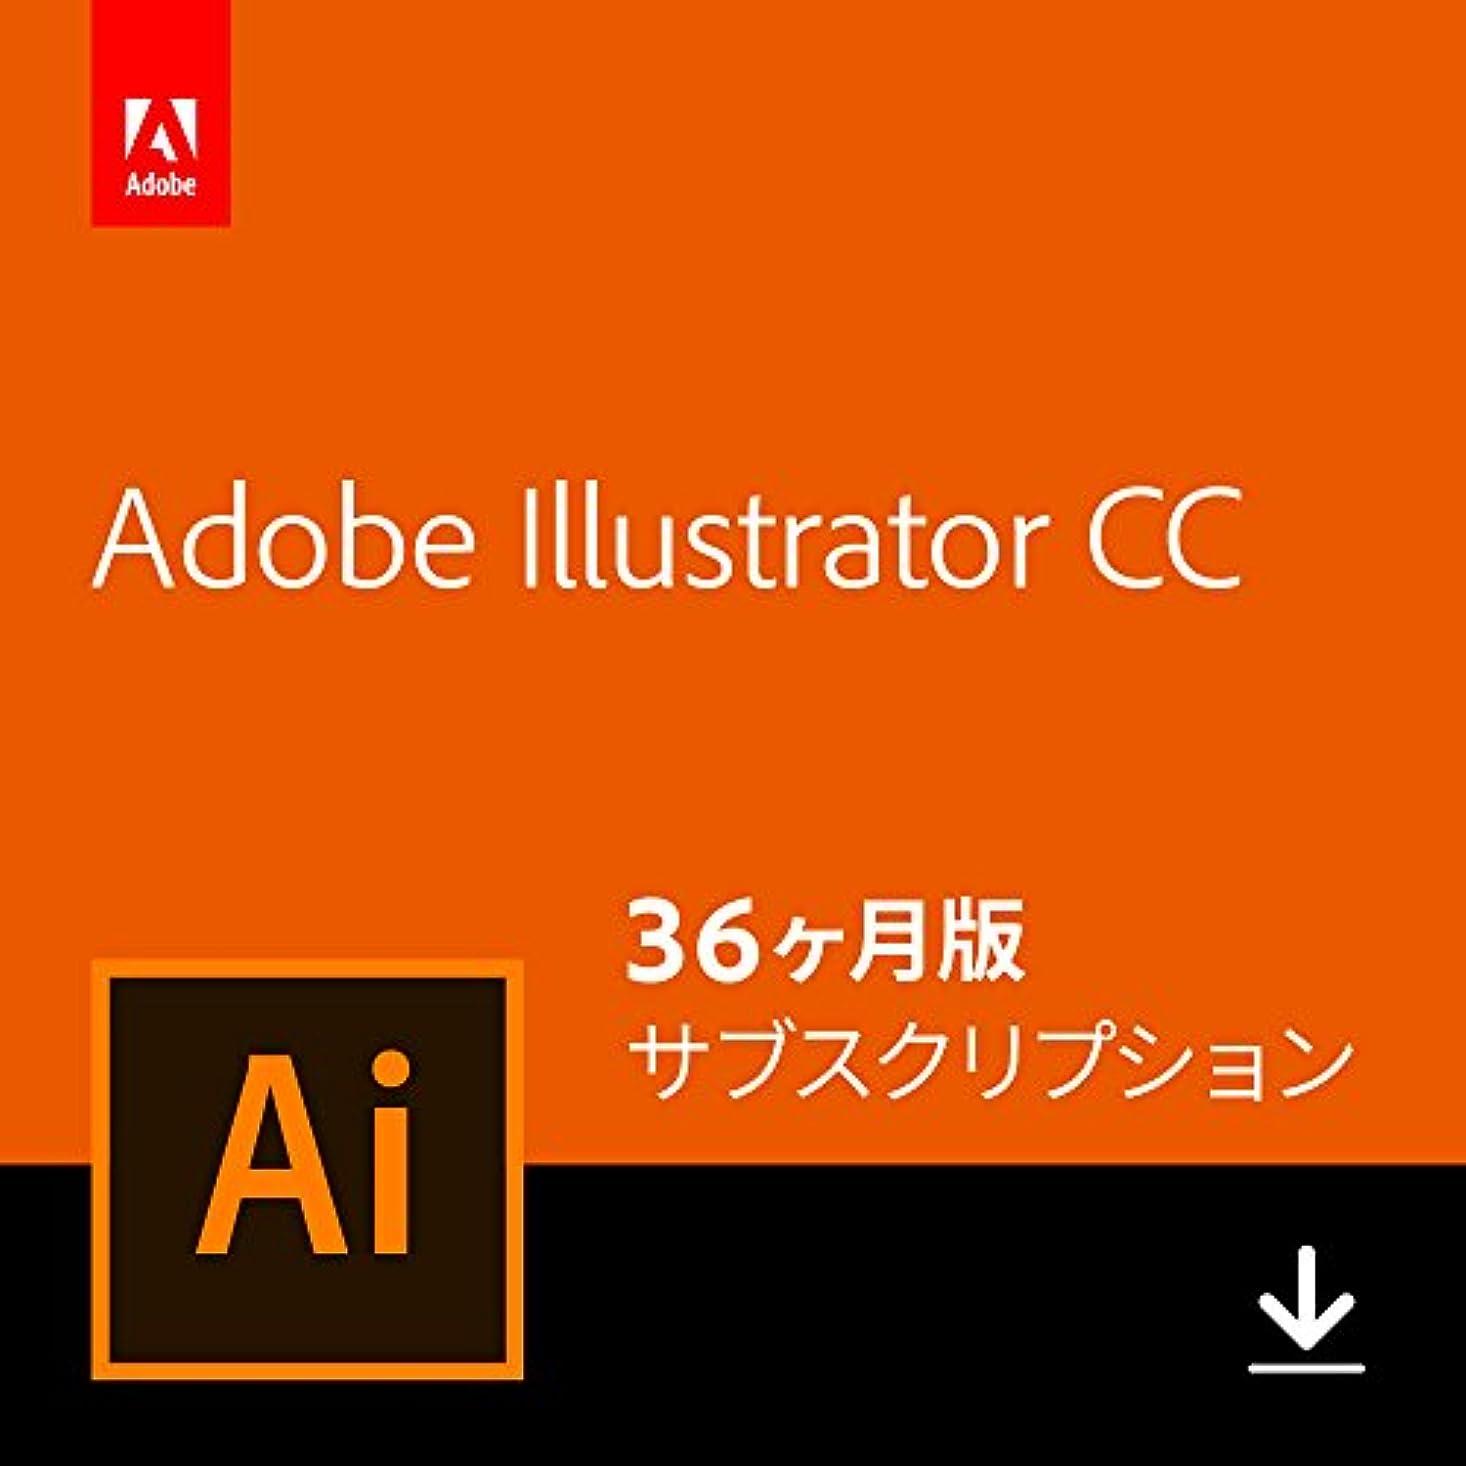 トンシーボード国際Adobe Illustrator CC 36か月版 Windows/Mac対応 オンラインコード版(Amazon.co.jp限定)